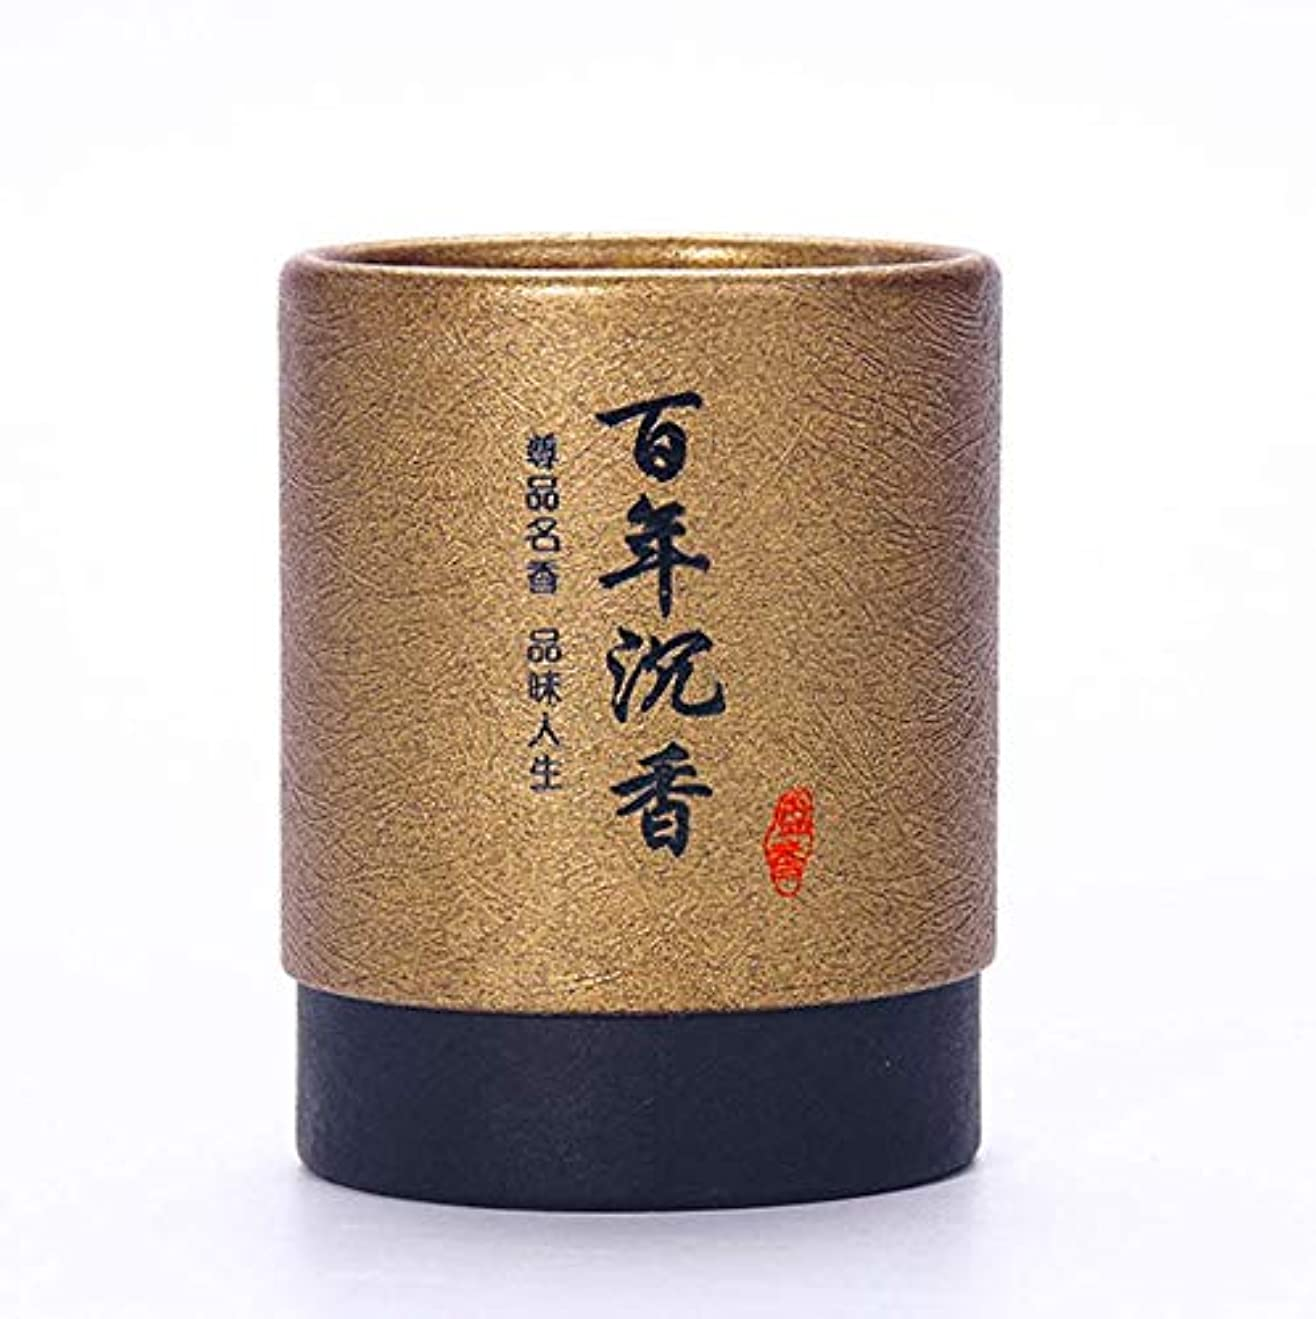 損傷病的論理的にHwaGui お香 2時間 盤香 渦巻き線香 優しい香り 48巻入 沉香(百年沈香)